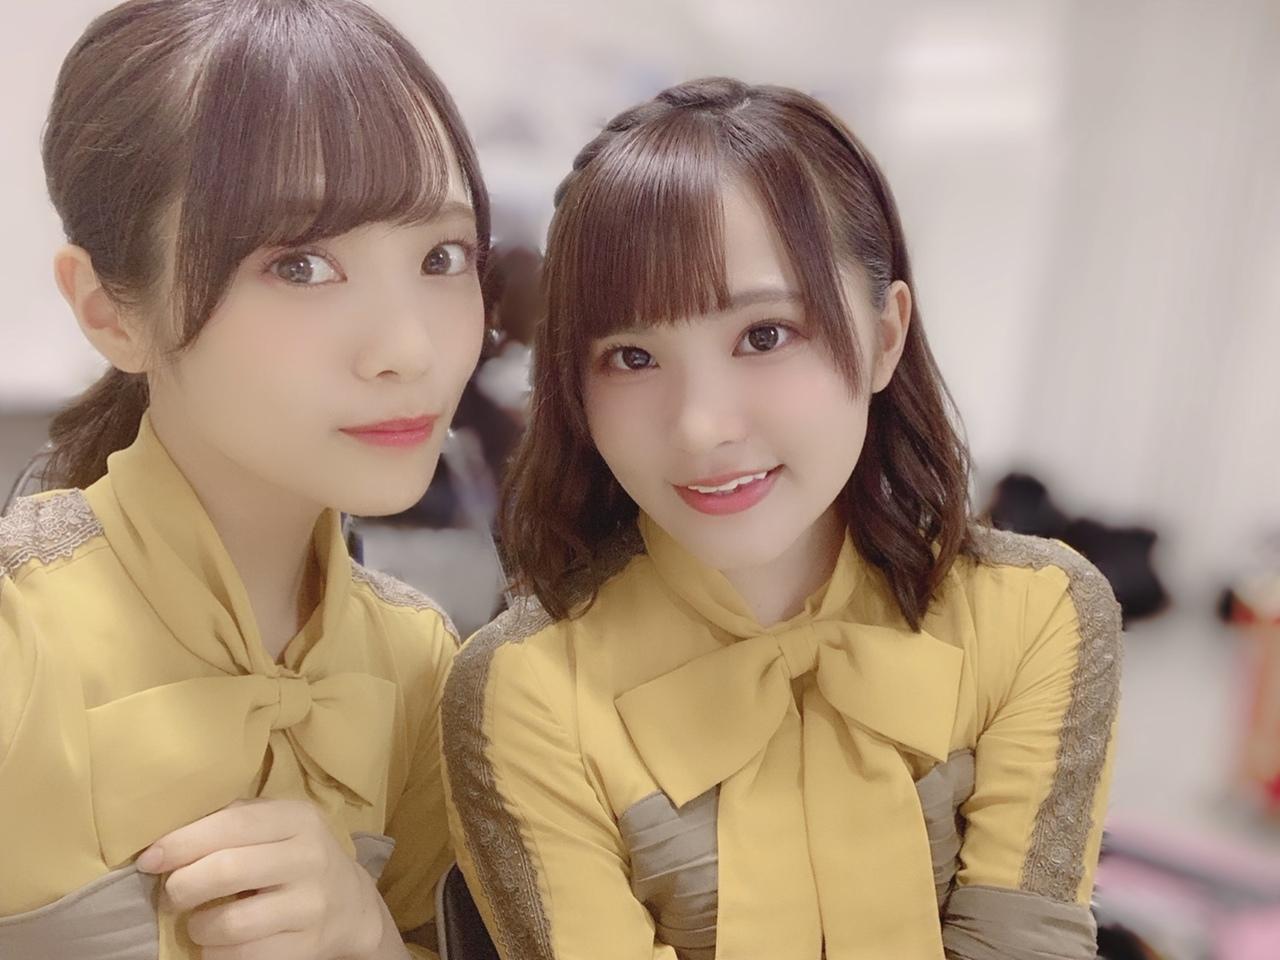 日向坂46メンバーブログまとめ2019年10月13日